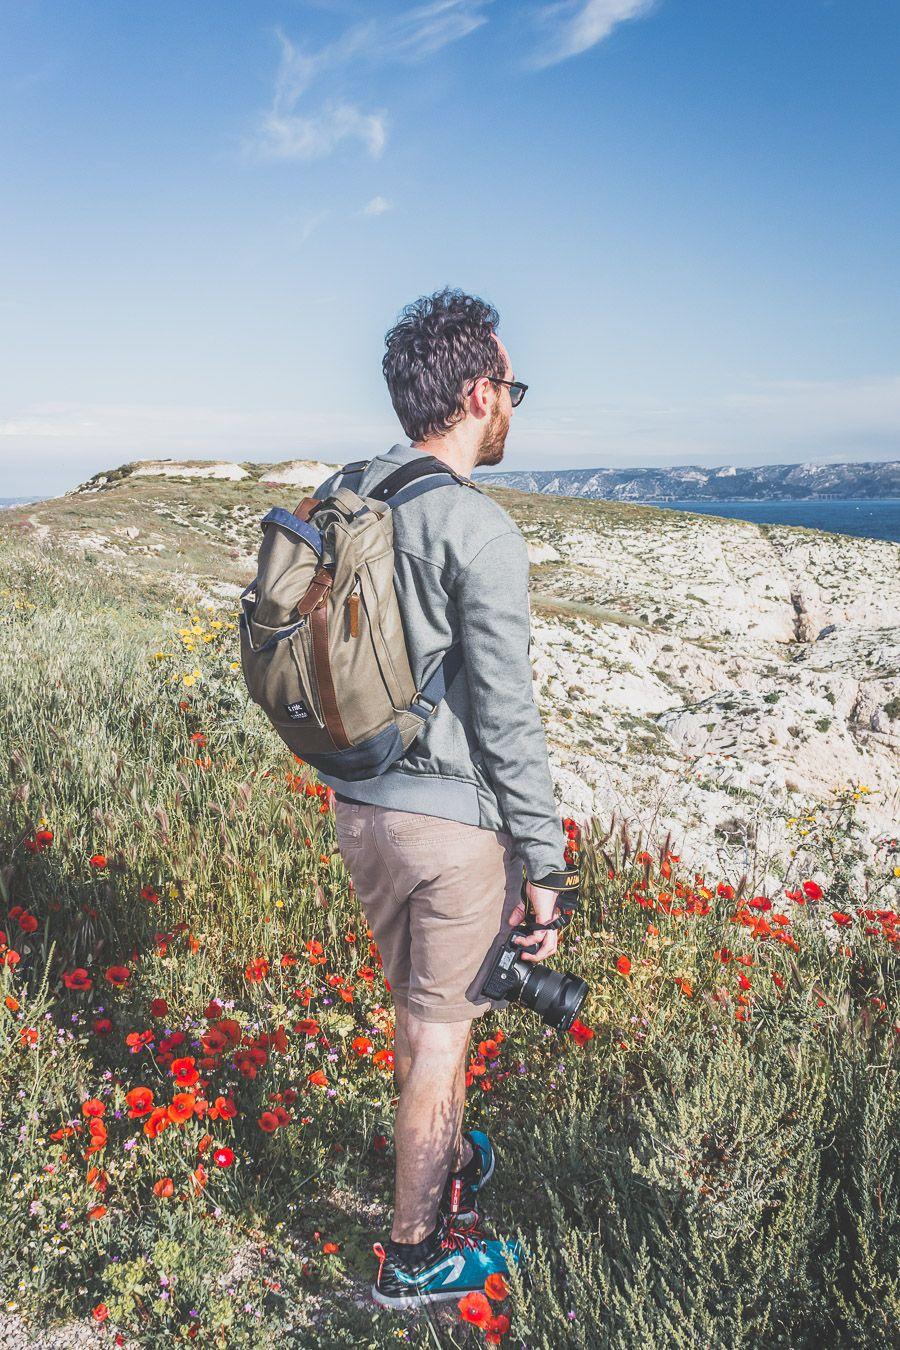 Découverte des Iles du Frioul / Tu planifies un voyage à Marseille? Suis le guide! Dans notre article, tu trouveras toutes les informations et beaucoup de photos qui te guideront dans ton excursion pour visiter les Iles du Frioul #marseille #frioul #mediterranée #france #provence #vacances / Randonnées / Baignade à Marseille / Vacances en France / Provence / Voyages en France / Nature / Destination nature / Plage Marseille / Calanques / Voyages